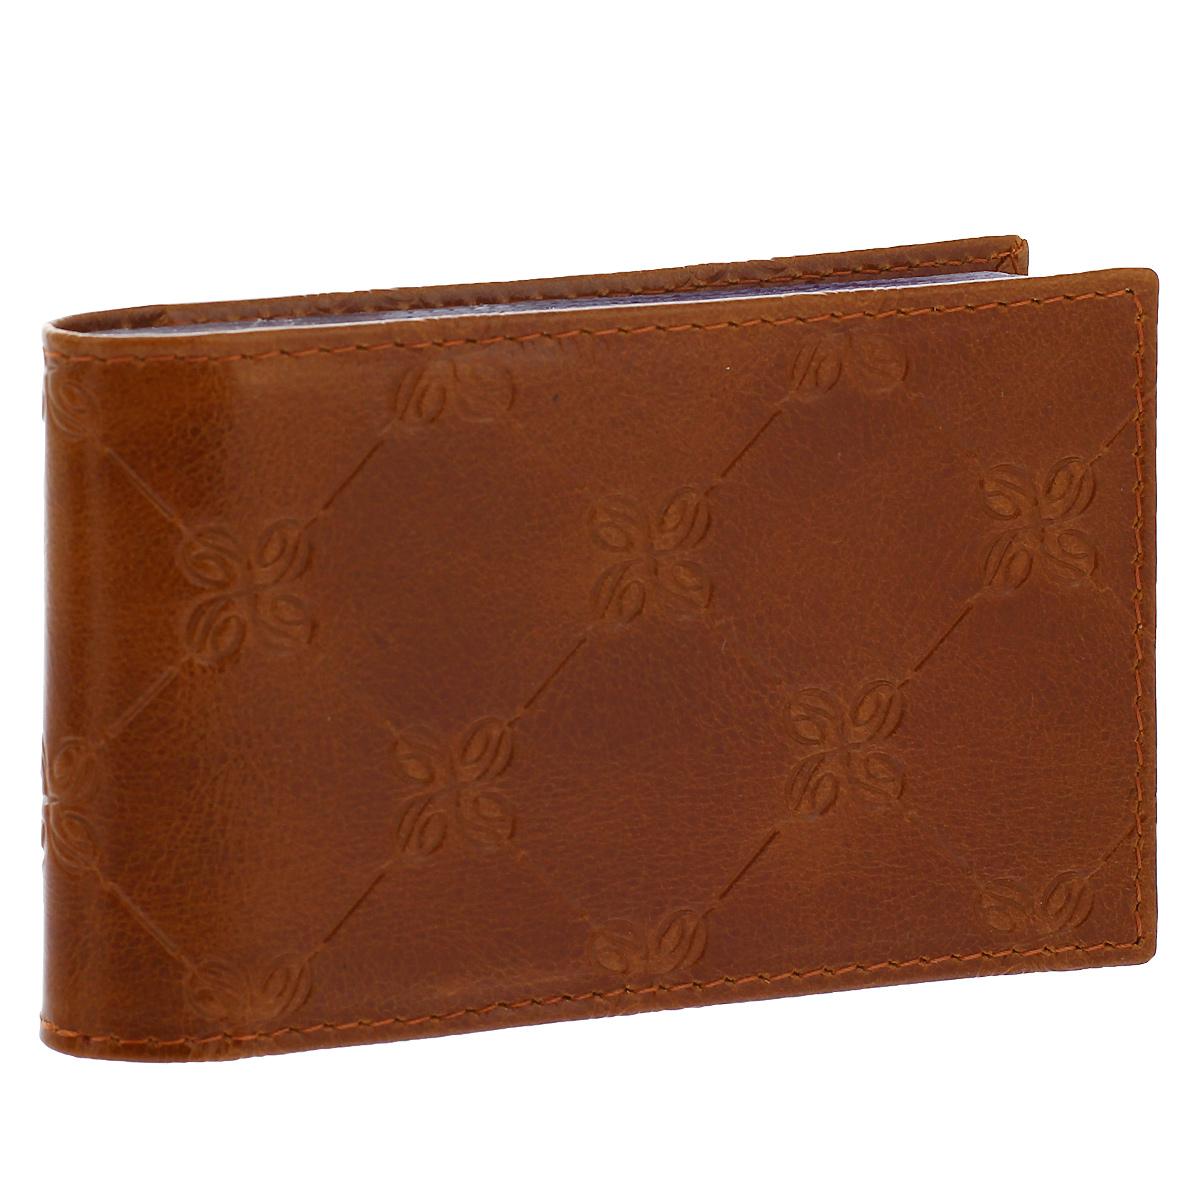 Визитница Dimanche Louis Brun, цвет: коричневый. 599599Визитница Louis Brun - это стильный аксессуар, который не только сохранит визитки и кредитные карты в порядке, но и, благодаря своему строгому дизайну и высокому качеству исполнения, блестяще подчеркнет тонкий вкус своего обладателя. Визитница выполнена из натуральной высококачественной кожи с декоративным тиснением и содержит внутри съемный блок из 16 прозрачных пластиковых вкладышей, рассчитанных на 32 визитки. Визитница Louis Brun станет великолепным подарком ценителю современных практичных вещей. Визитница упакована в фирменную коробку из картона.